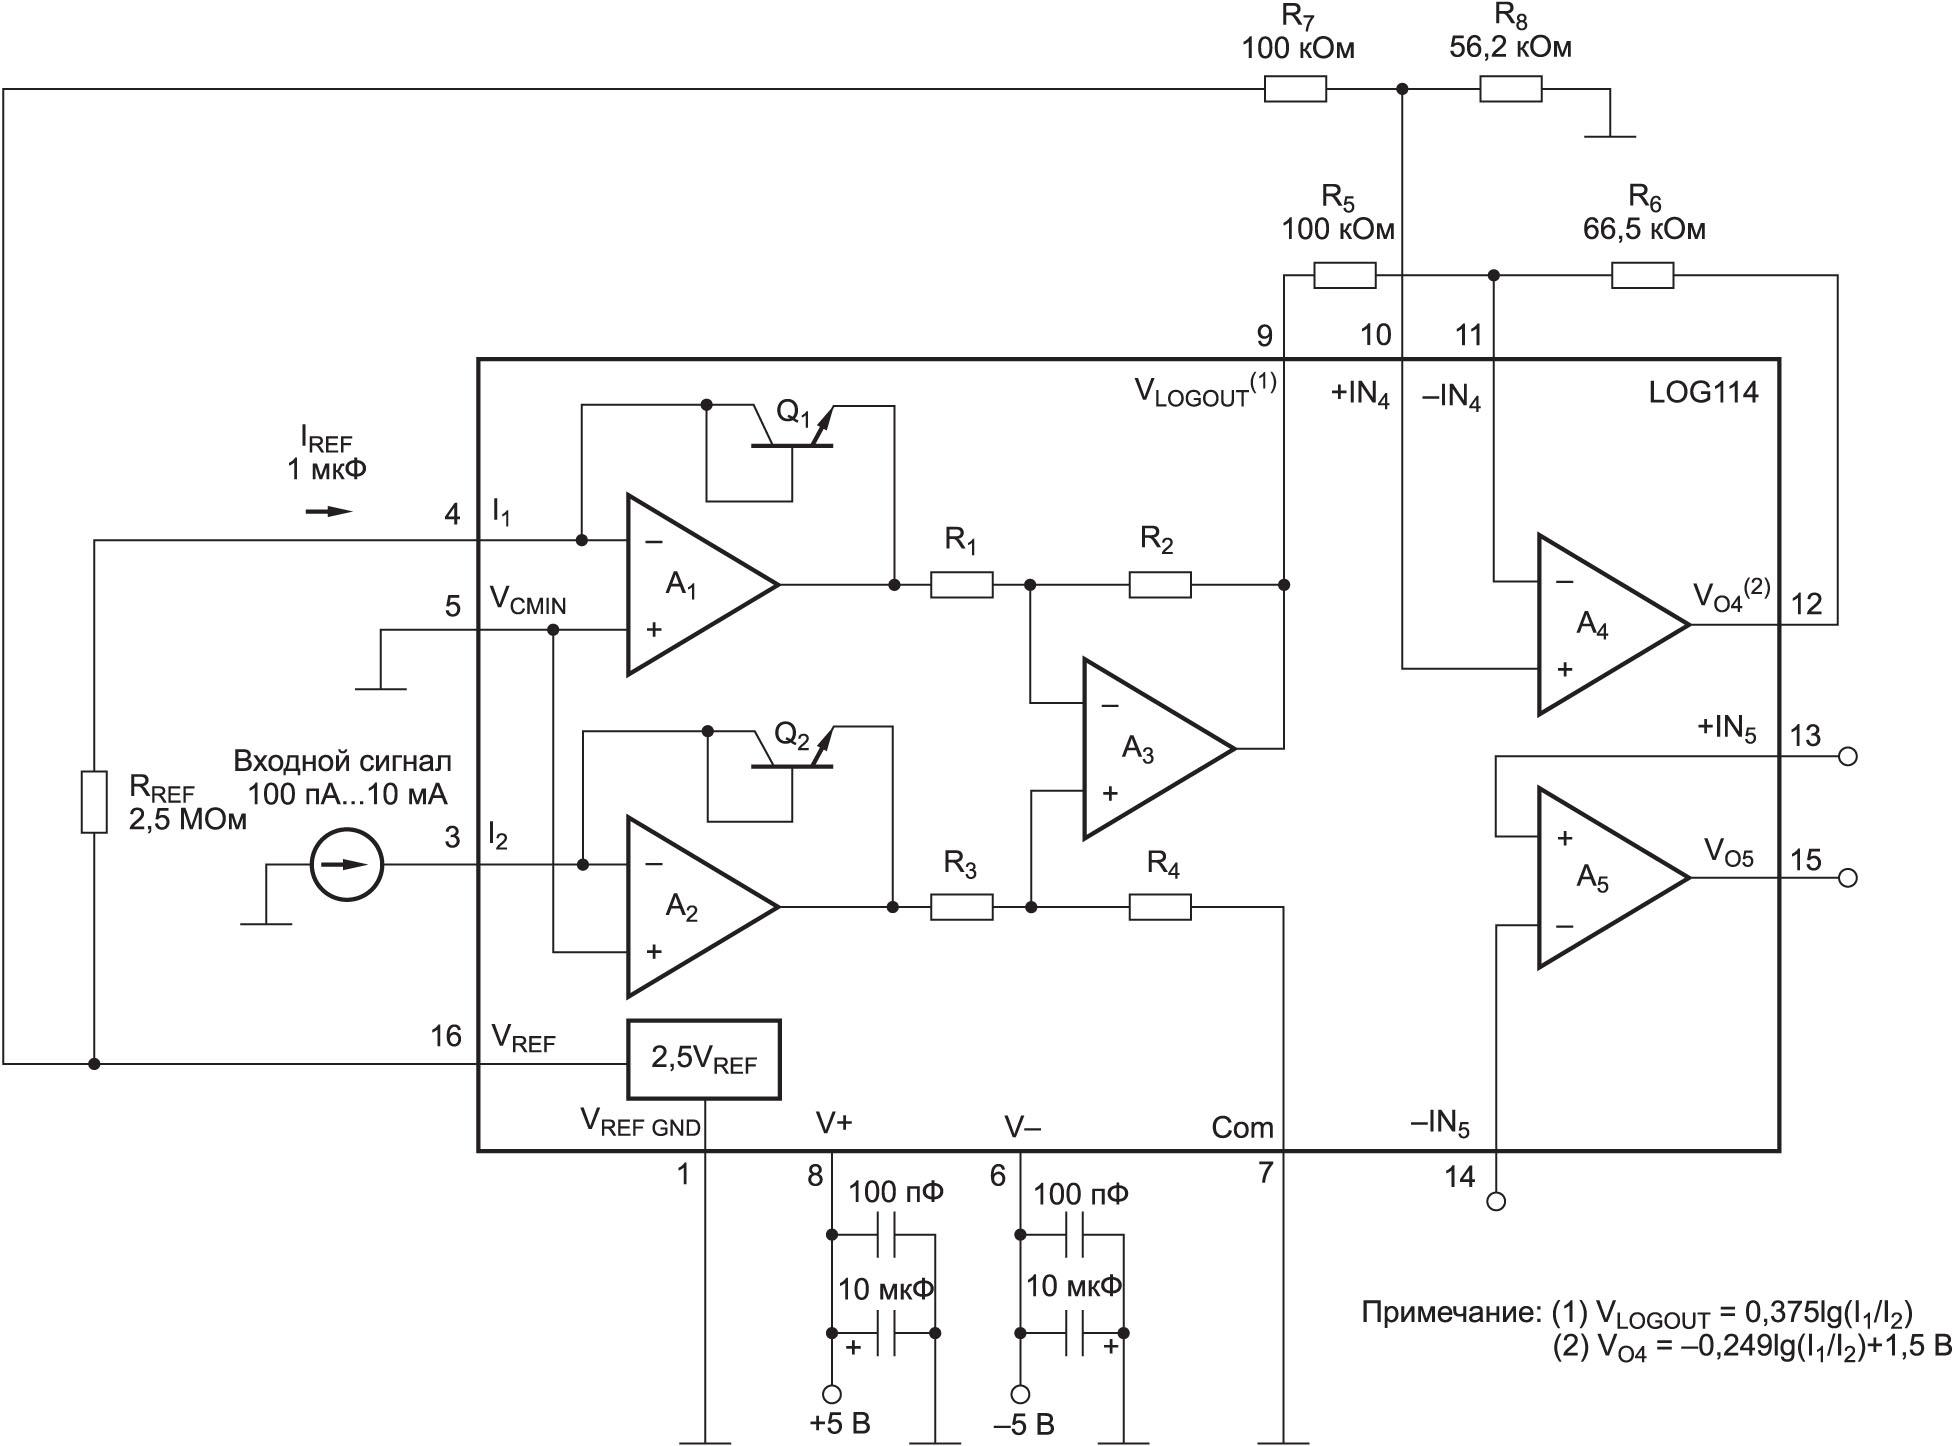 Функциональная схема с внешними компонентами усилителя LOG114